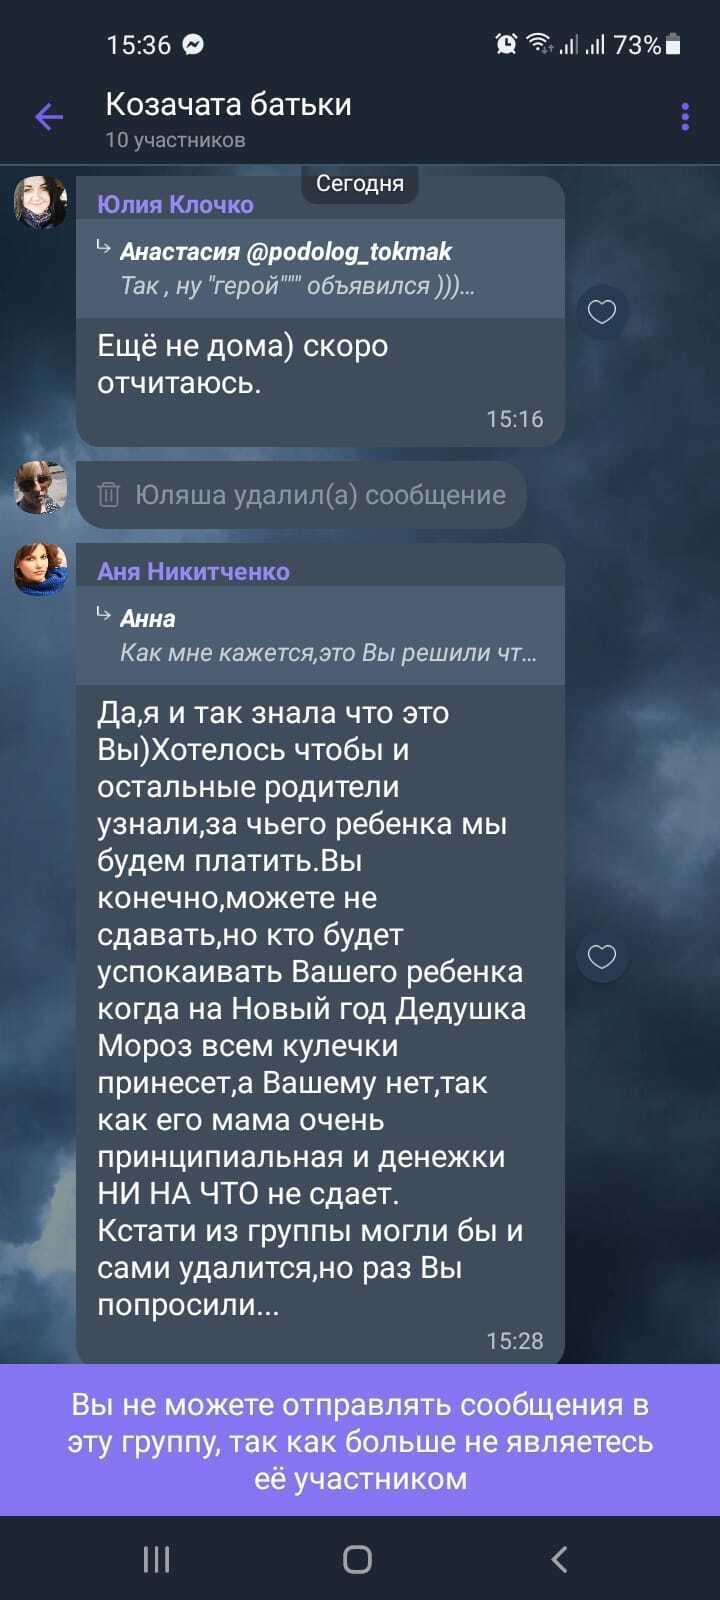 Нікітченко натякнула, що дитина мами, яка відмовилася здавати гроші, на Новий рік засмутиться